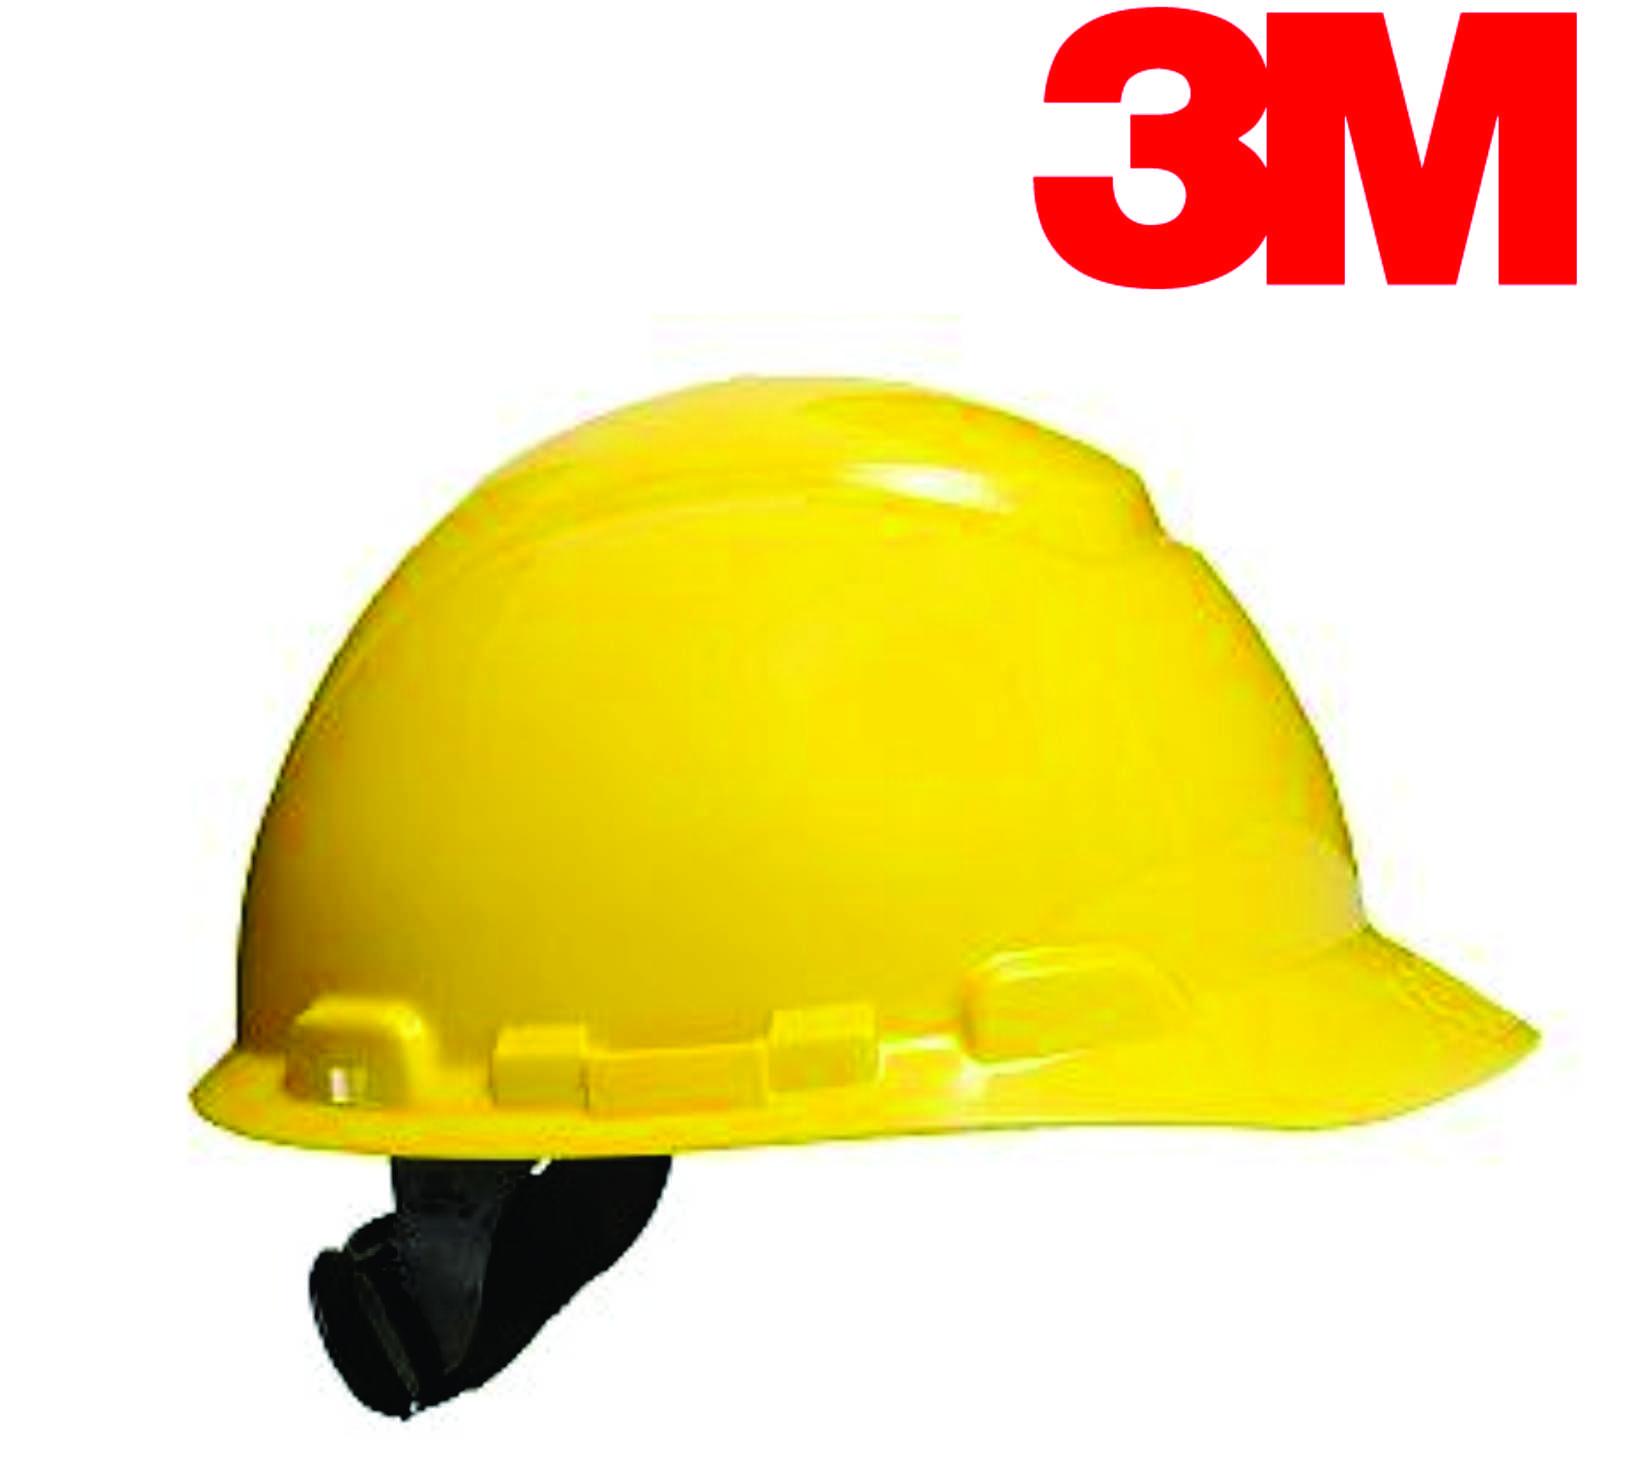 ee05f512a8e69 CAPACETE H-700 COM CATRACA – MARCA 3M – CA 29638 – Suzano EPI